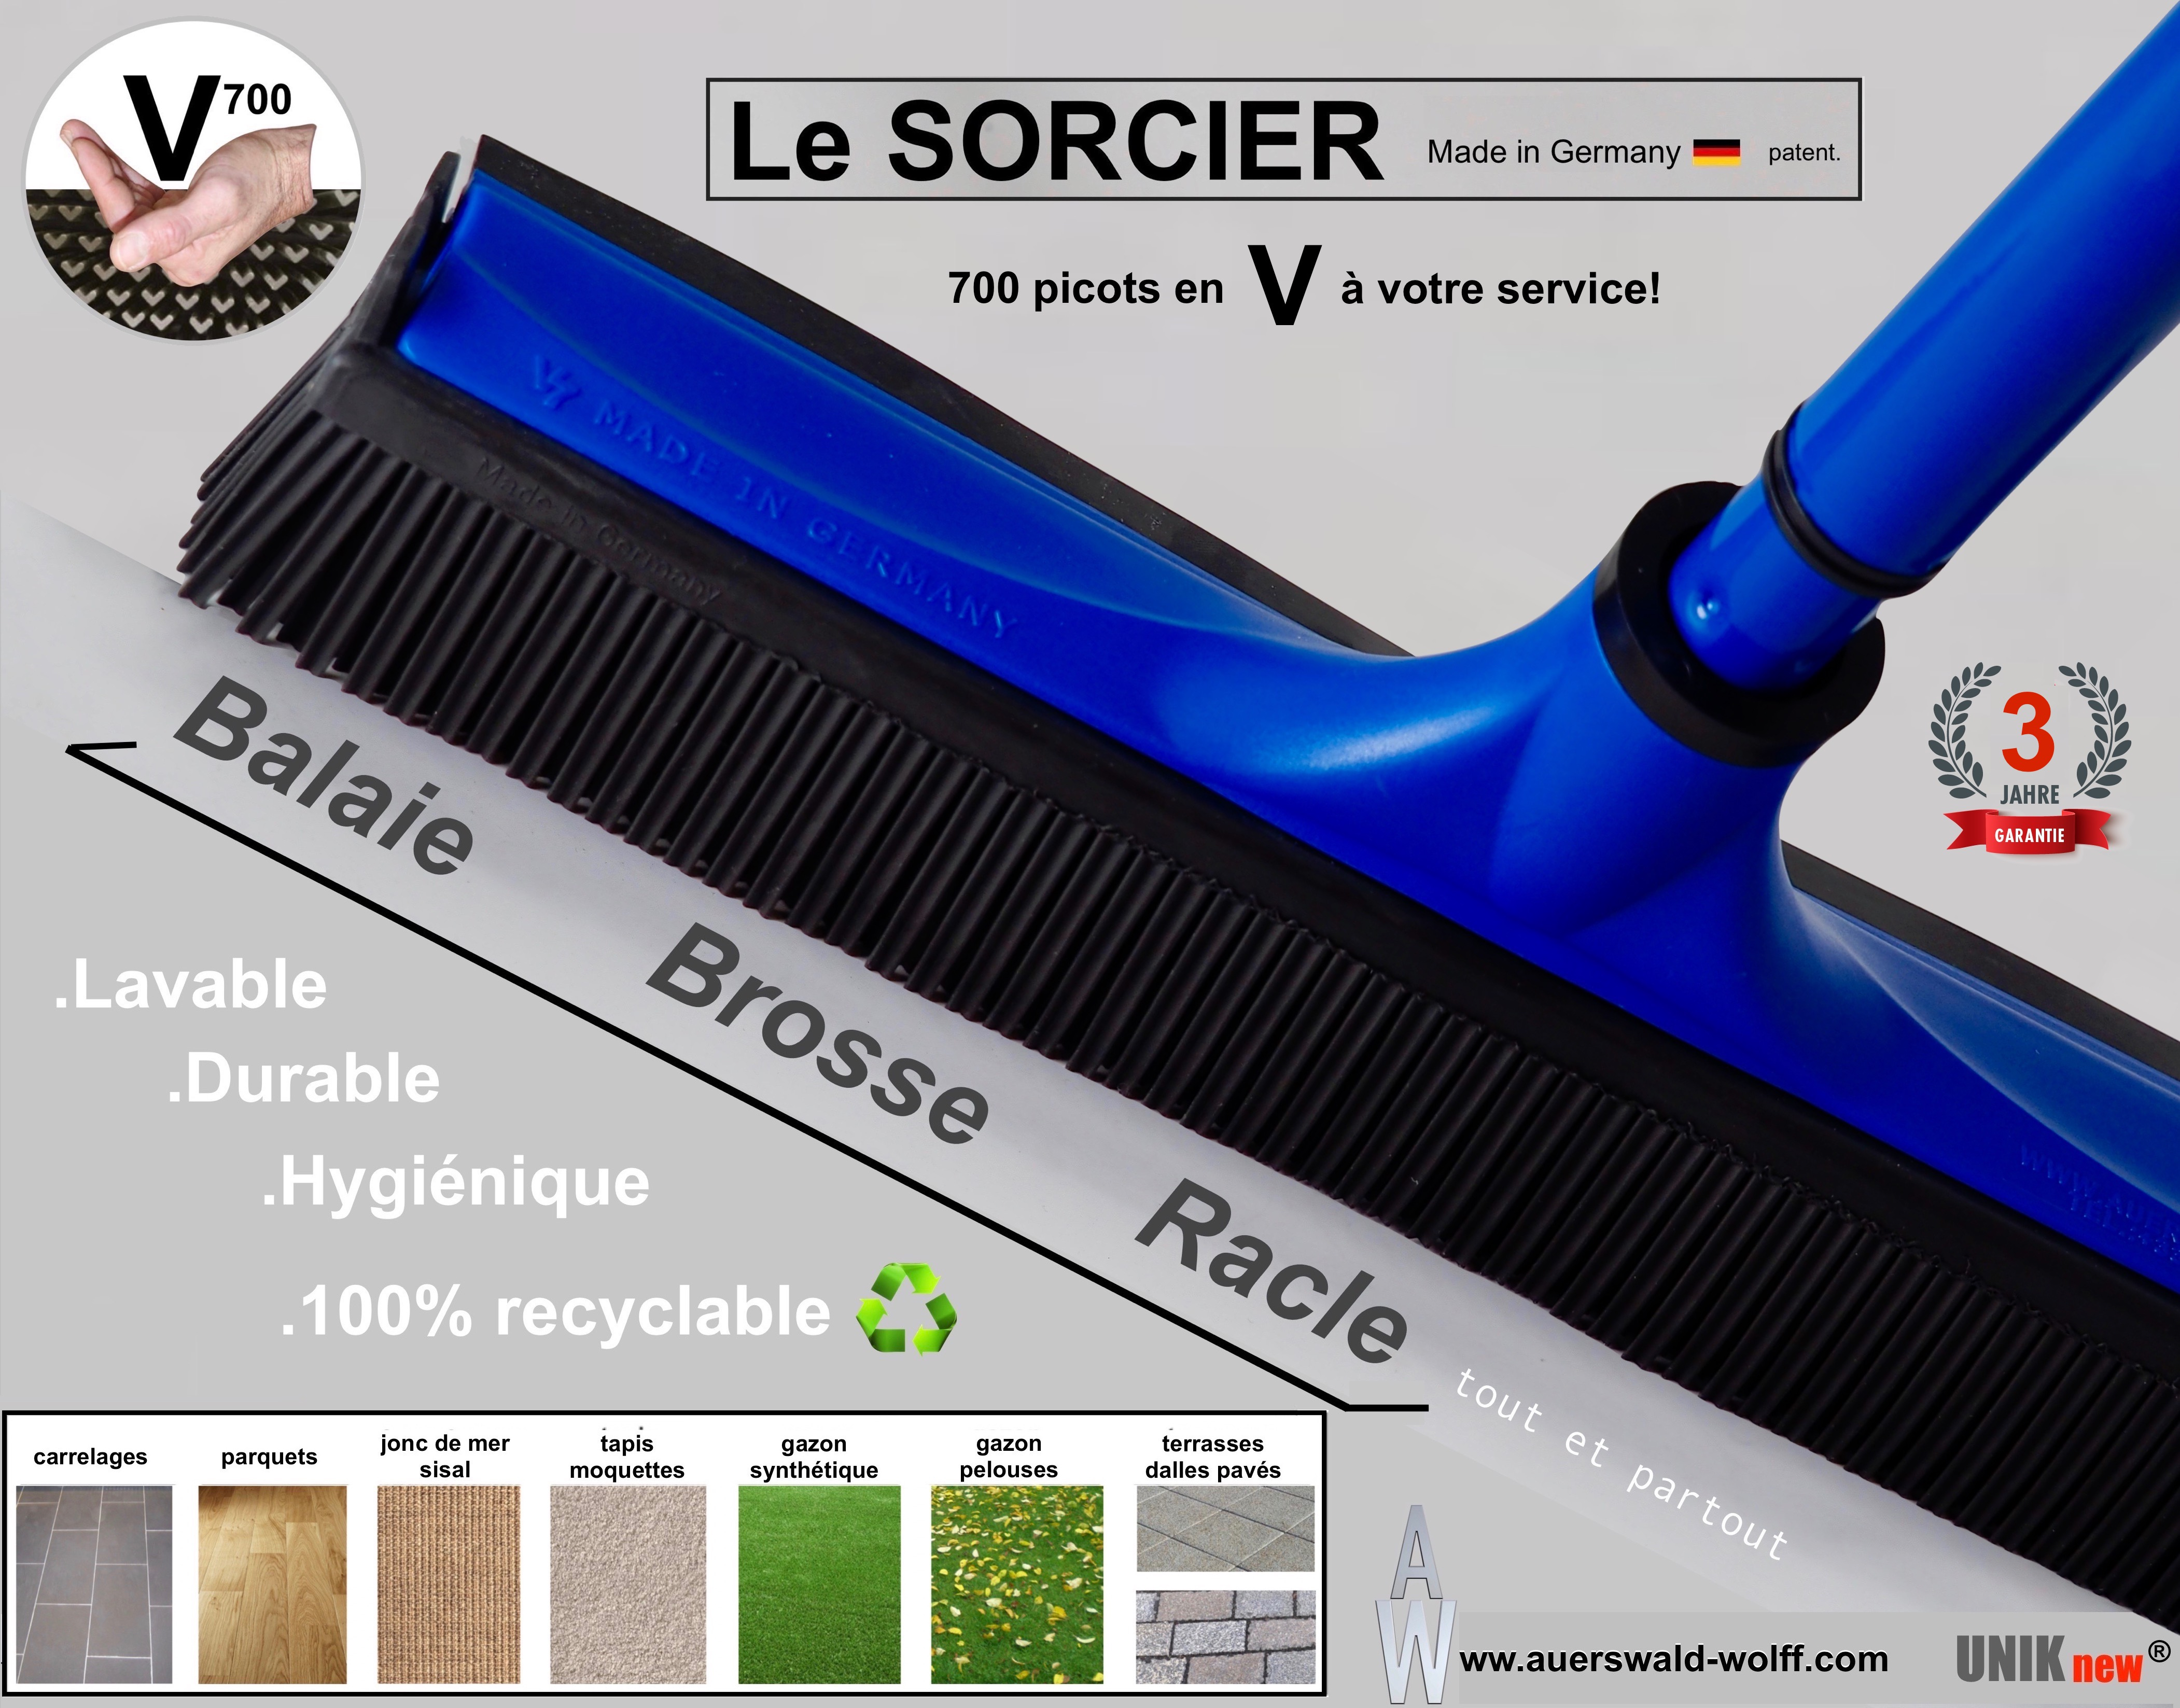 Balai SORCIER bleu V700 caoutchouc